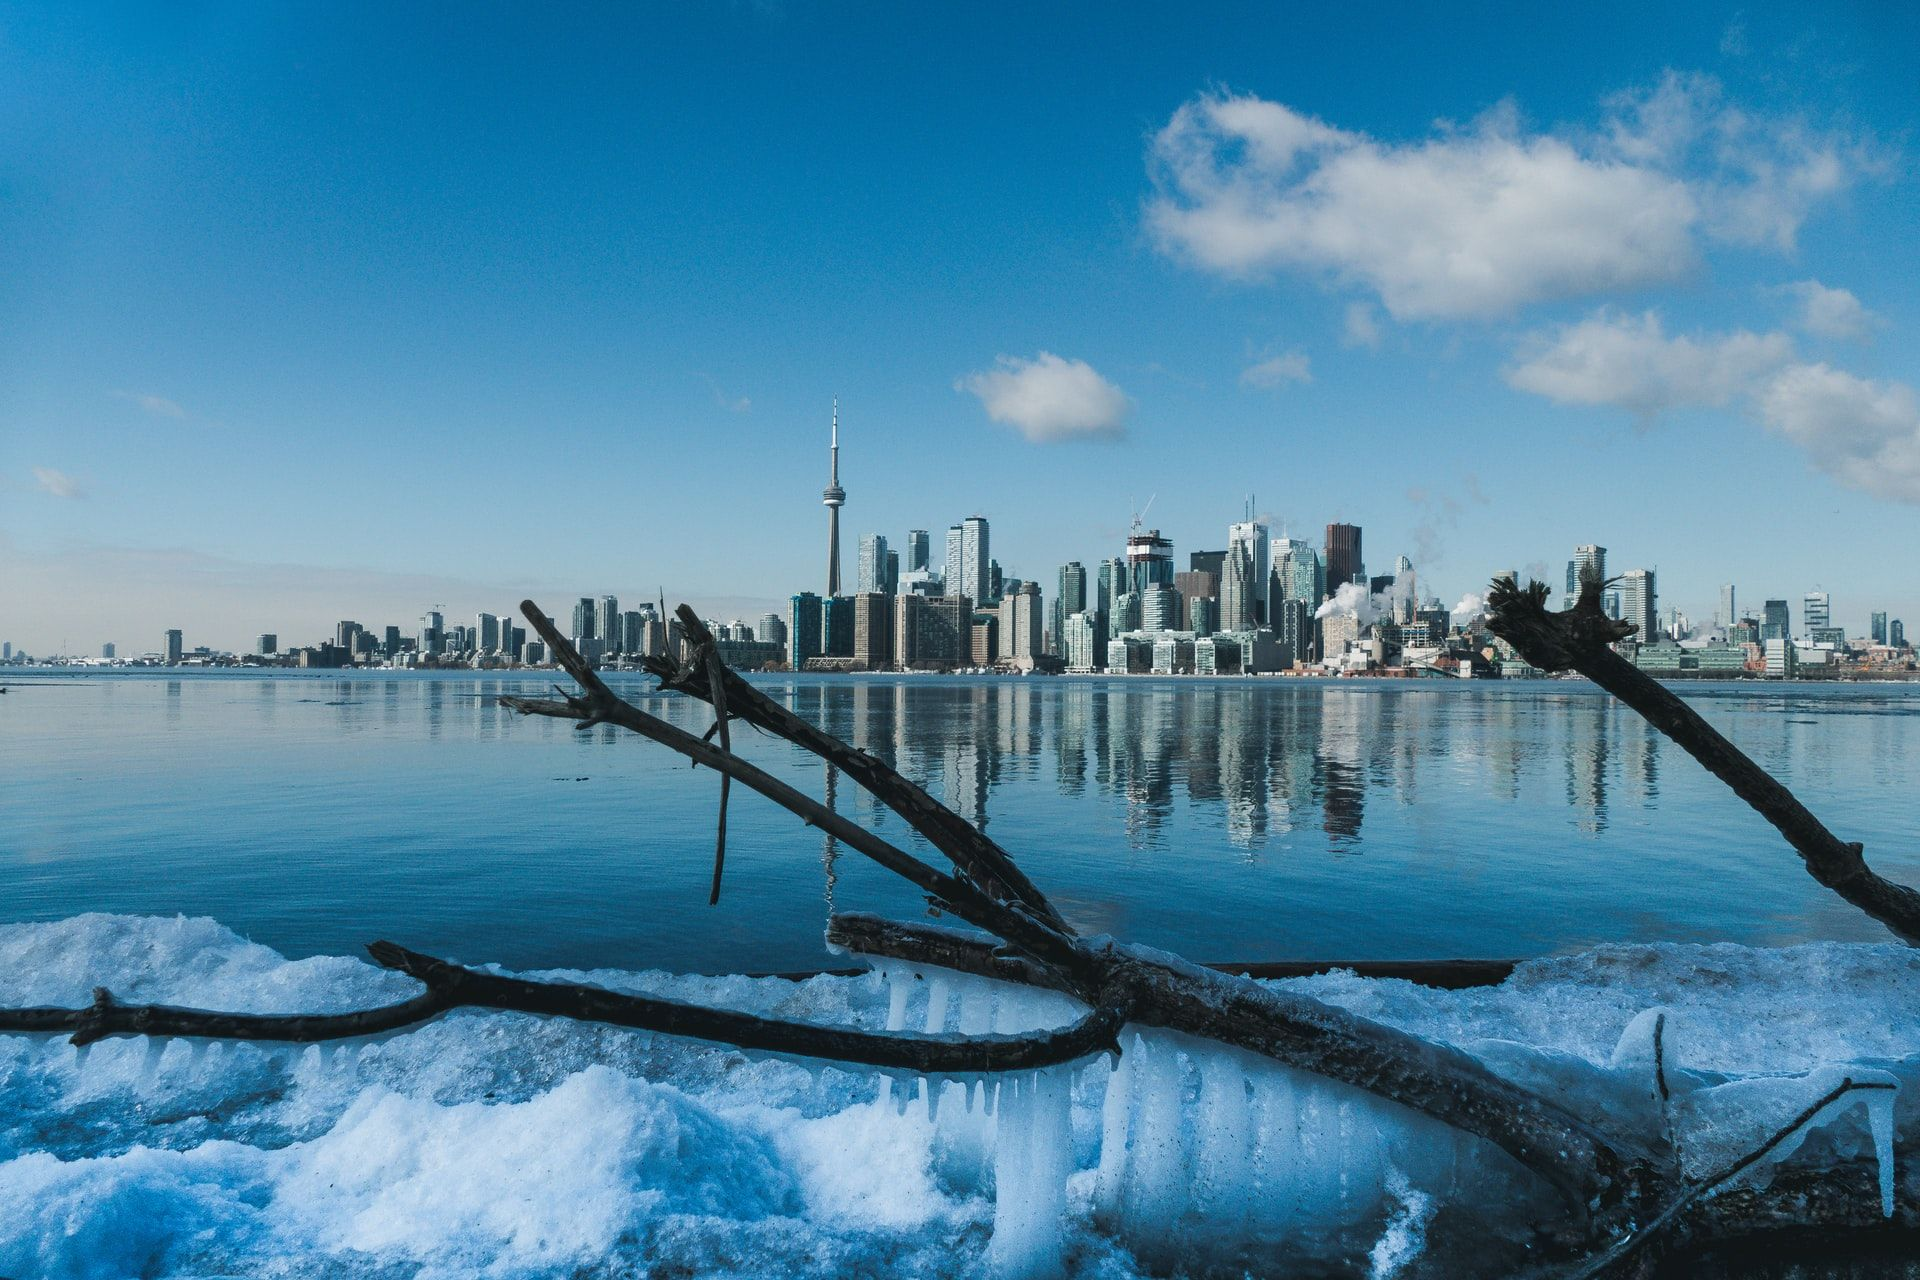 Lake Ontario during Winter